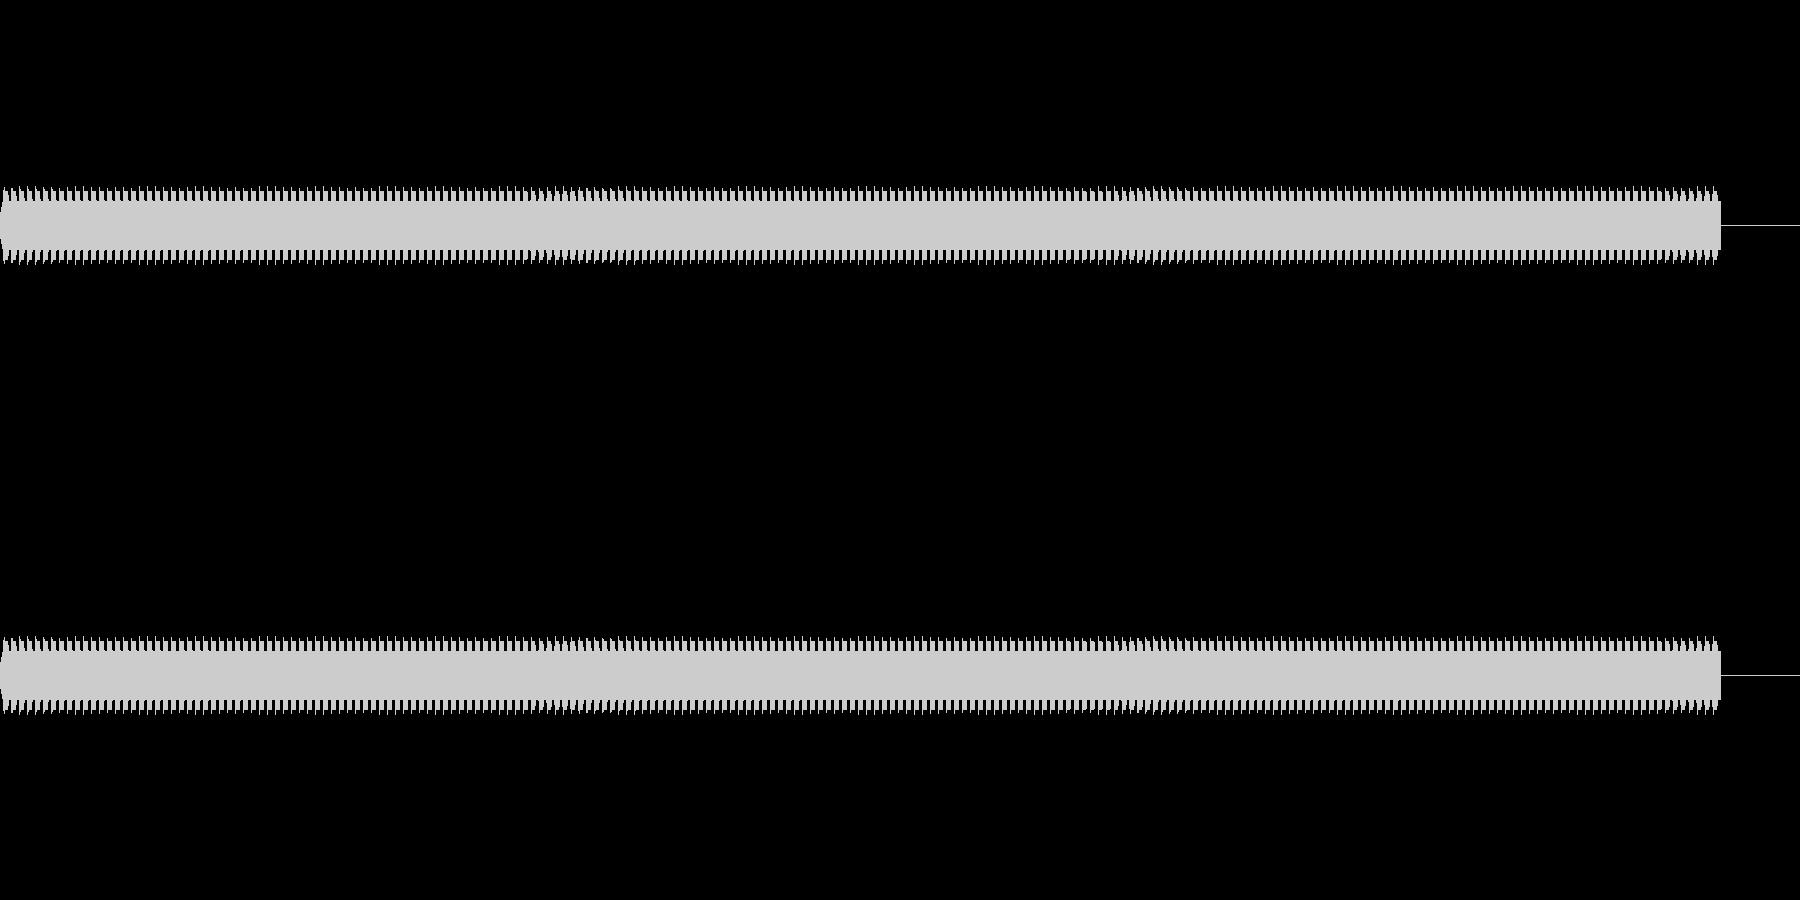 スコアの数字が変化する時のピロピロ音ですの未再生の波形